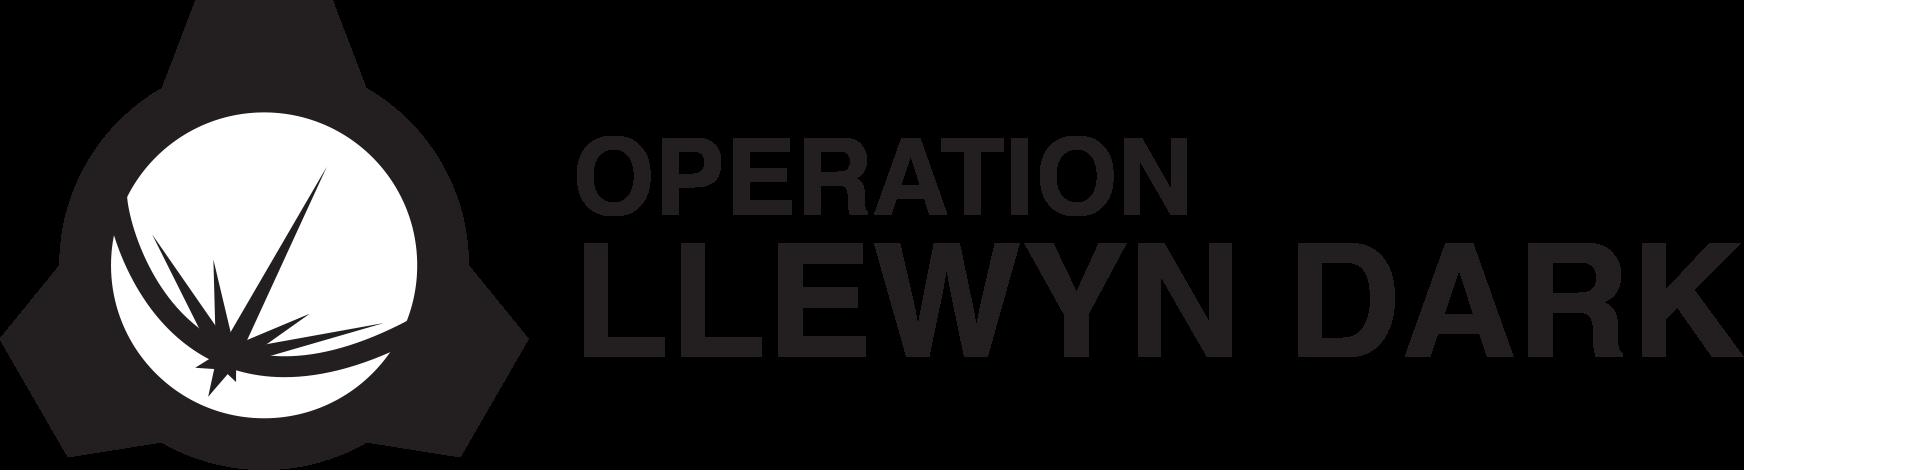 llewyndarktransparent.png